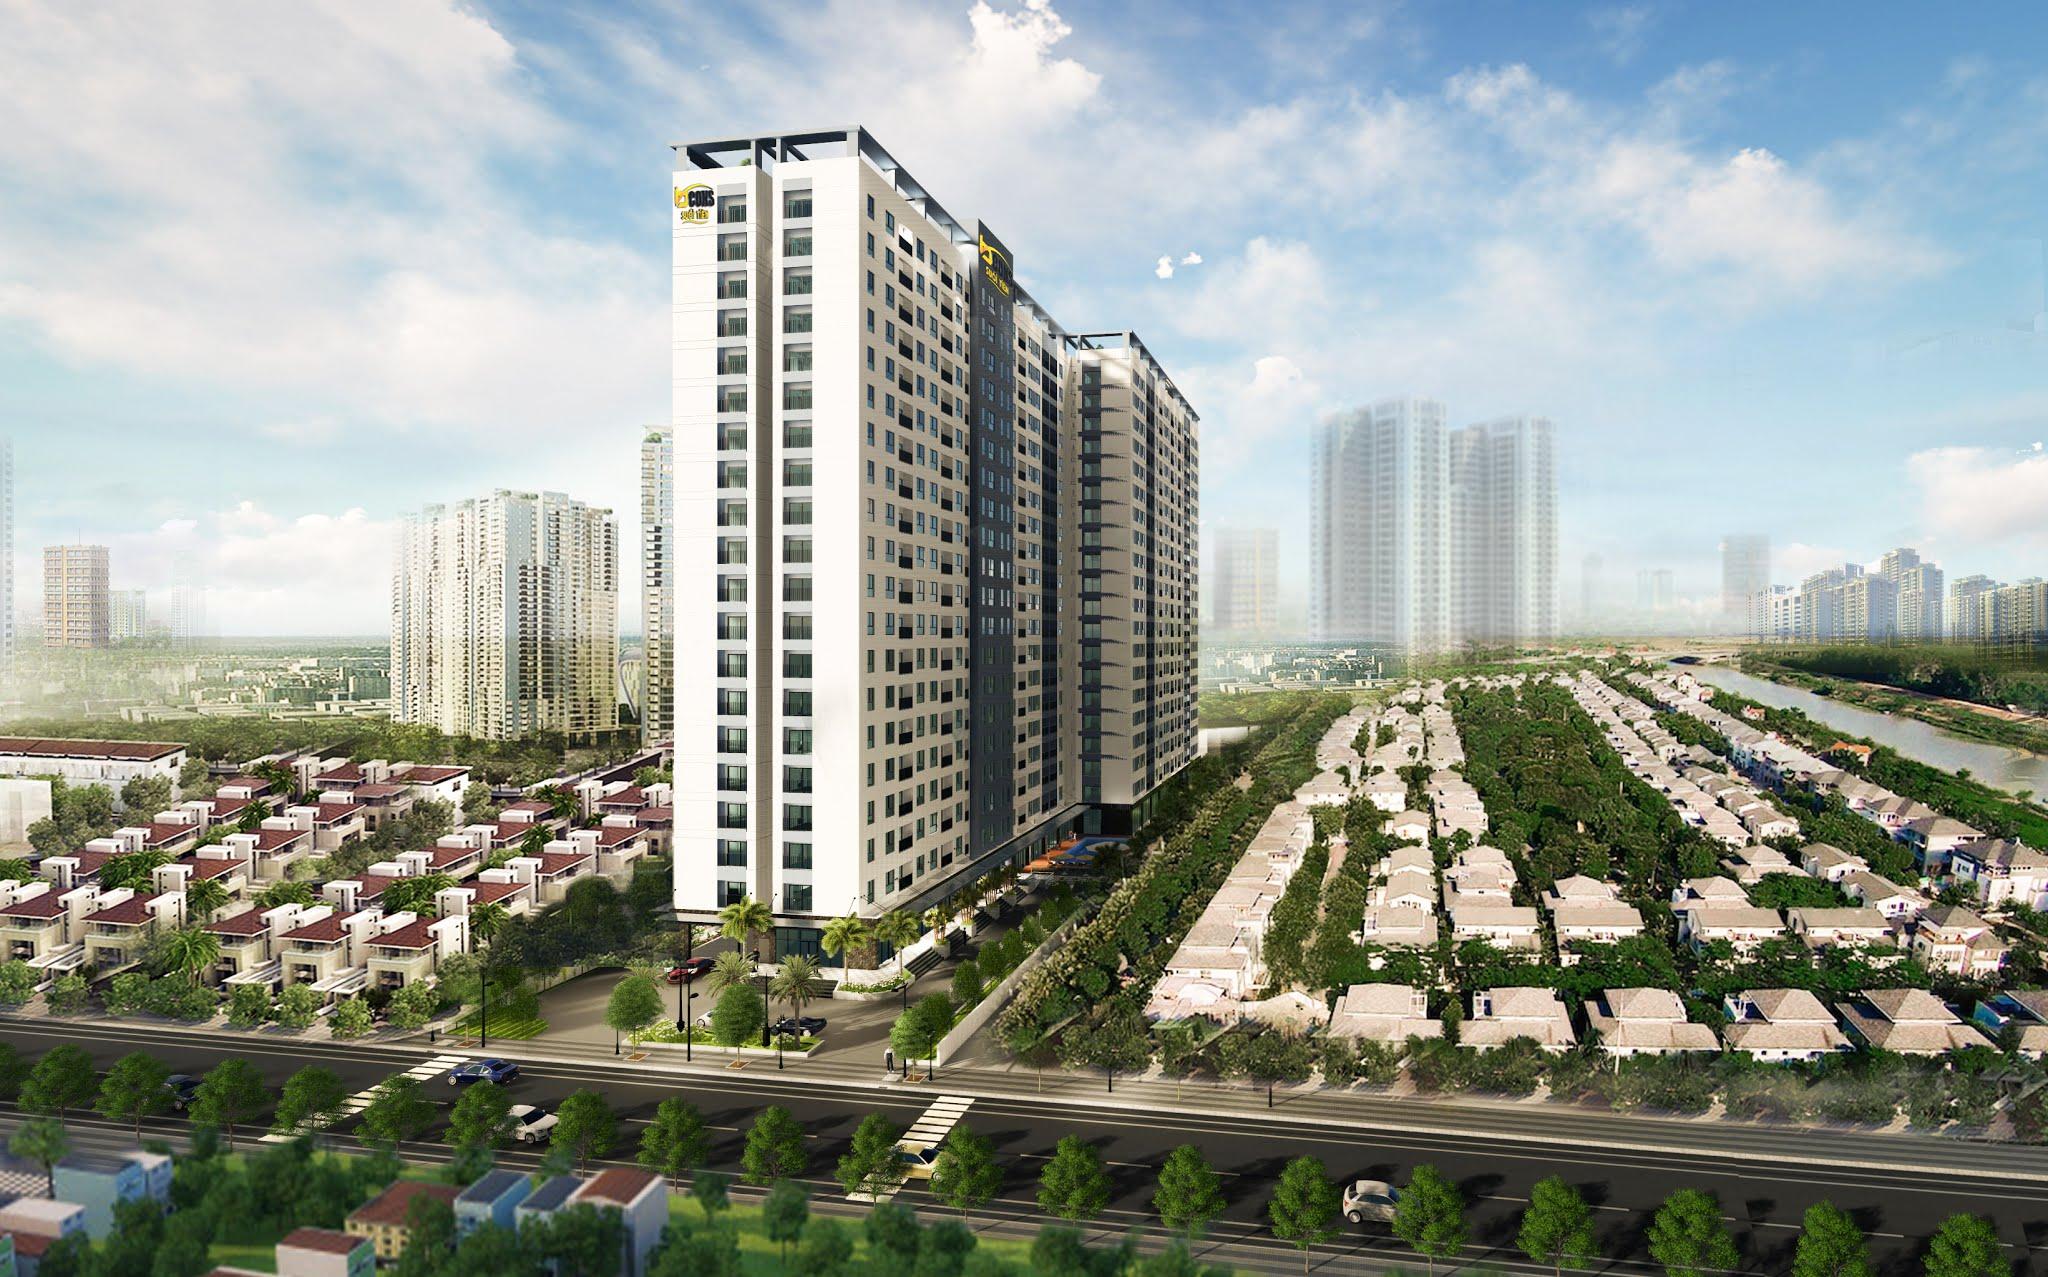 Phối cảnh khu căn hộ Bcons Suối Tiên